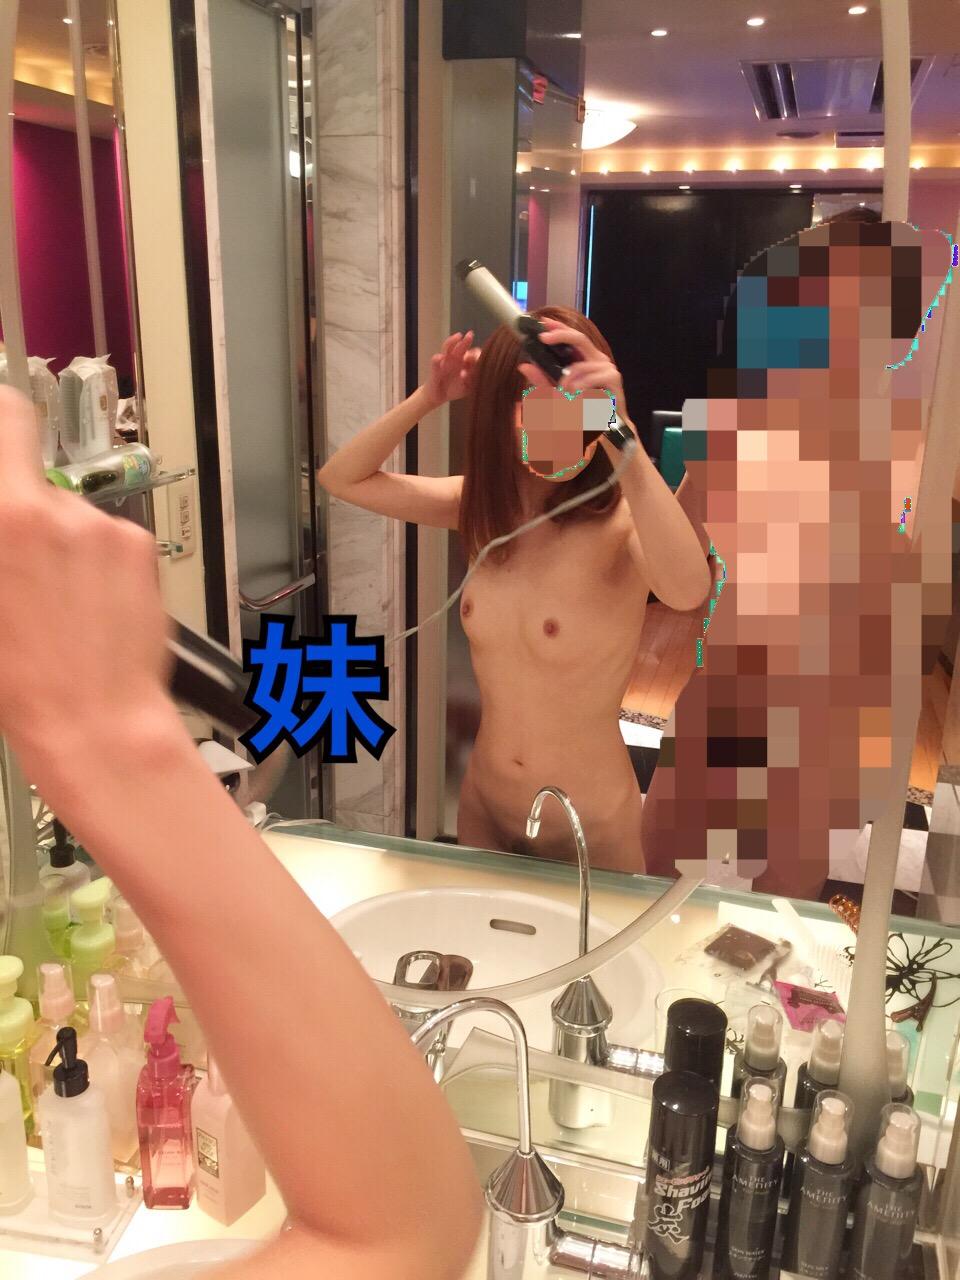 兄妹相姦のハメ撮り素人エロ画像7